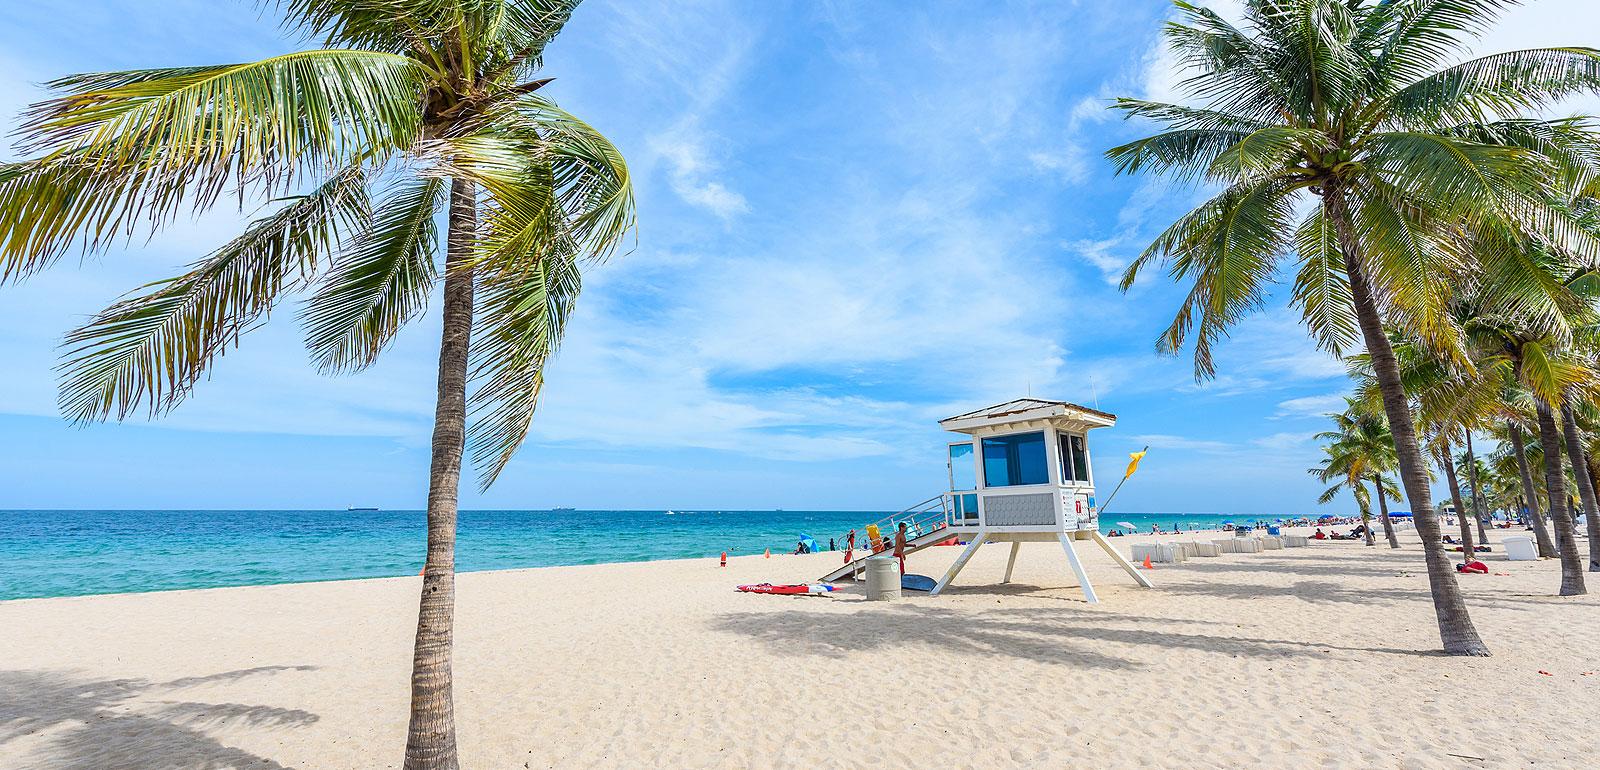 Pristine beach in Ruskin, FL